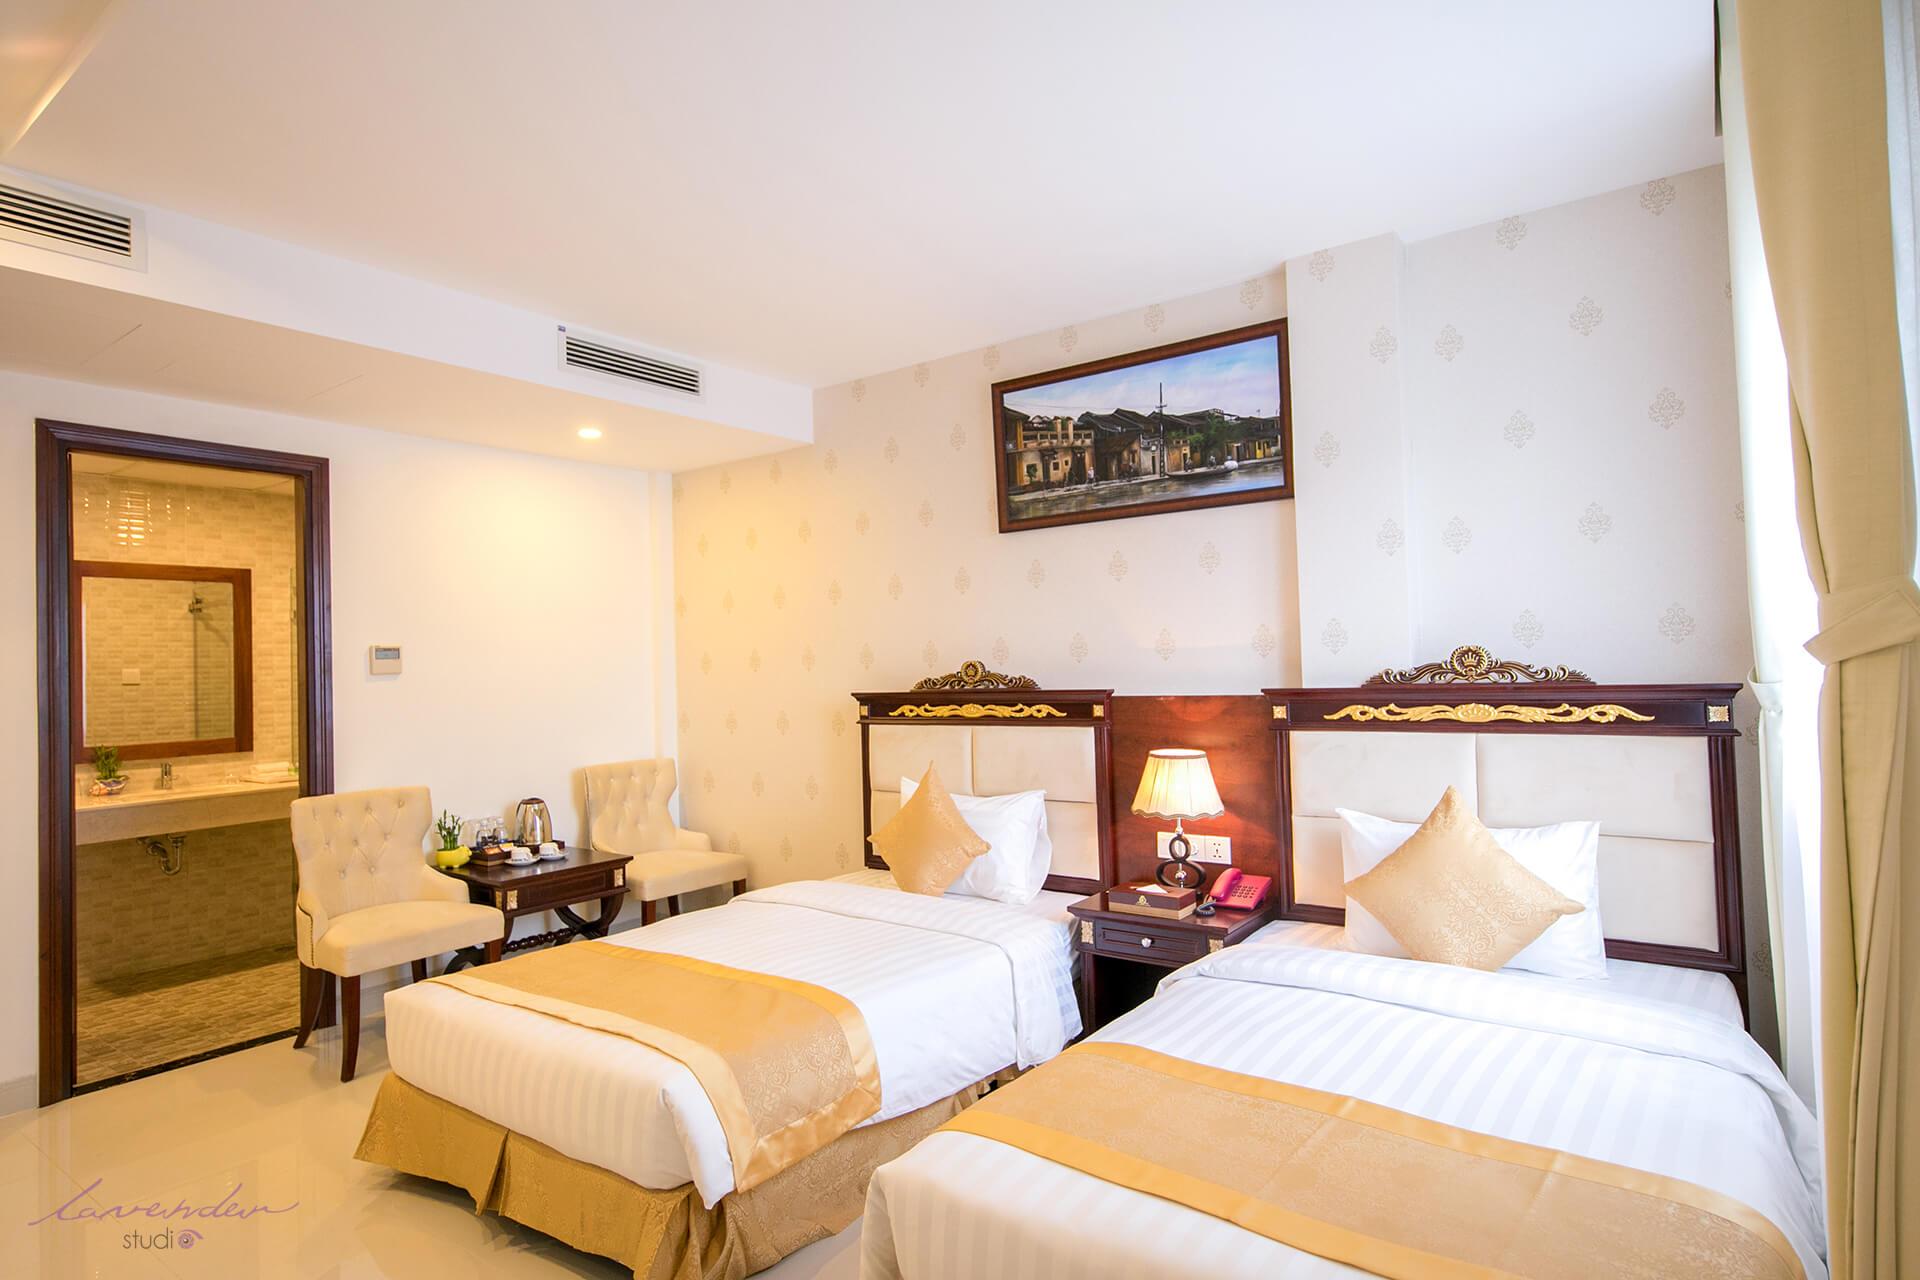 dịch vụ chụp khách sạn đẹp tại Sài gòn